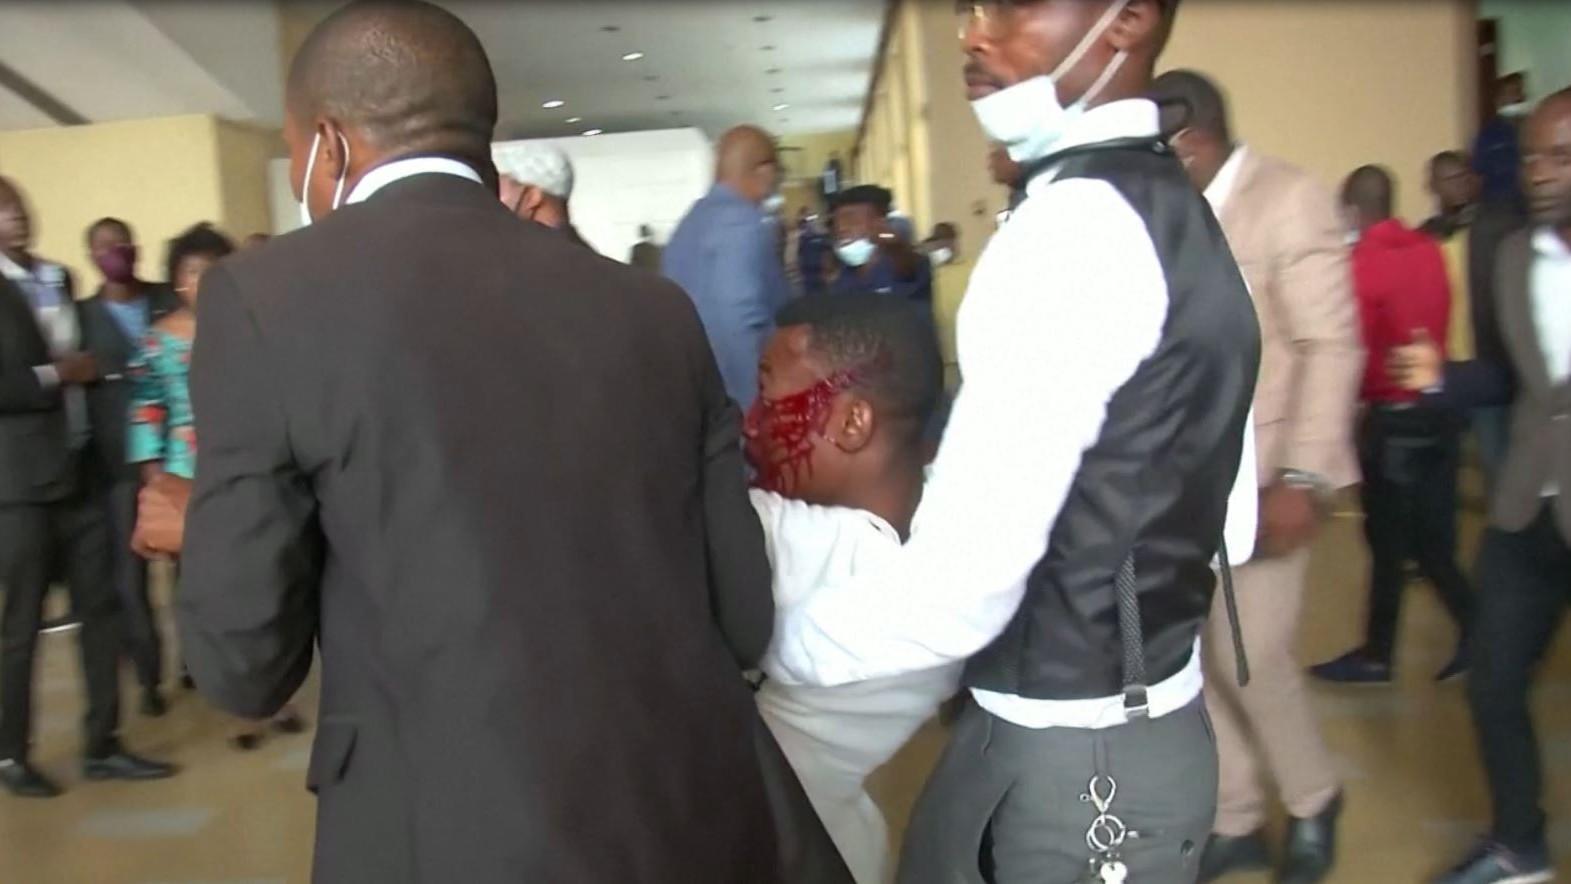 Un blessé lors des affrontements entre députés pro-Kabila et pro-Tshisekedi au Parlement congolais, à Kinshasa, le 8 décembre 2020.